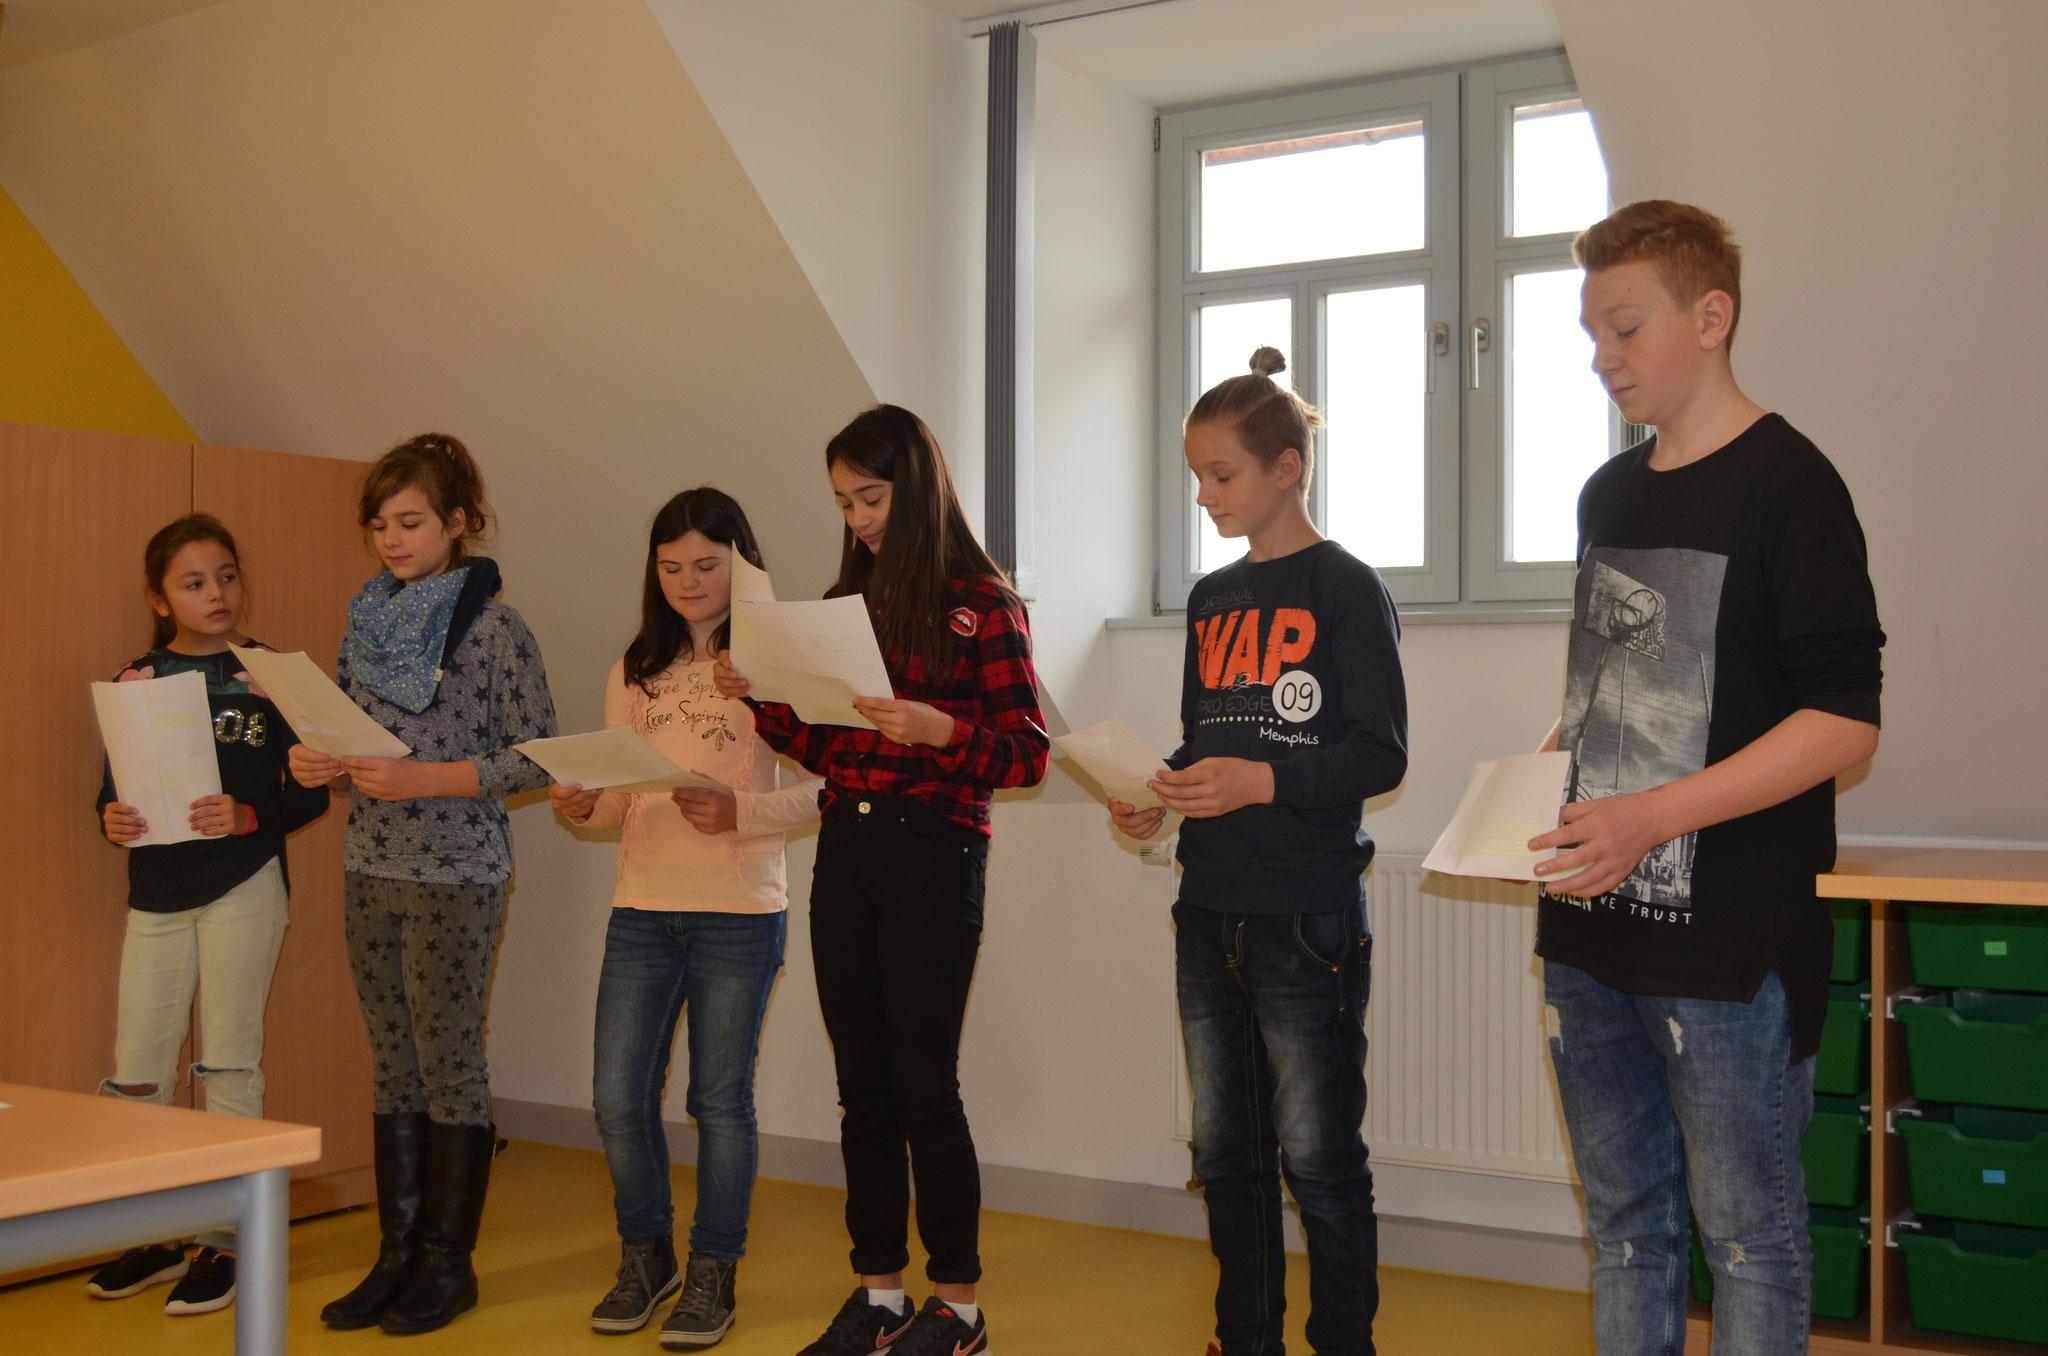 Nicht nur mit Rezitationen wurde der Deutschunterricht passend präsentiert.